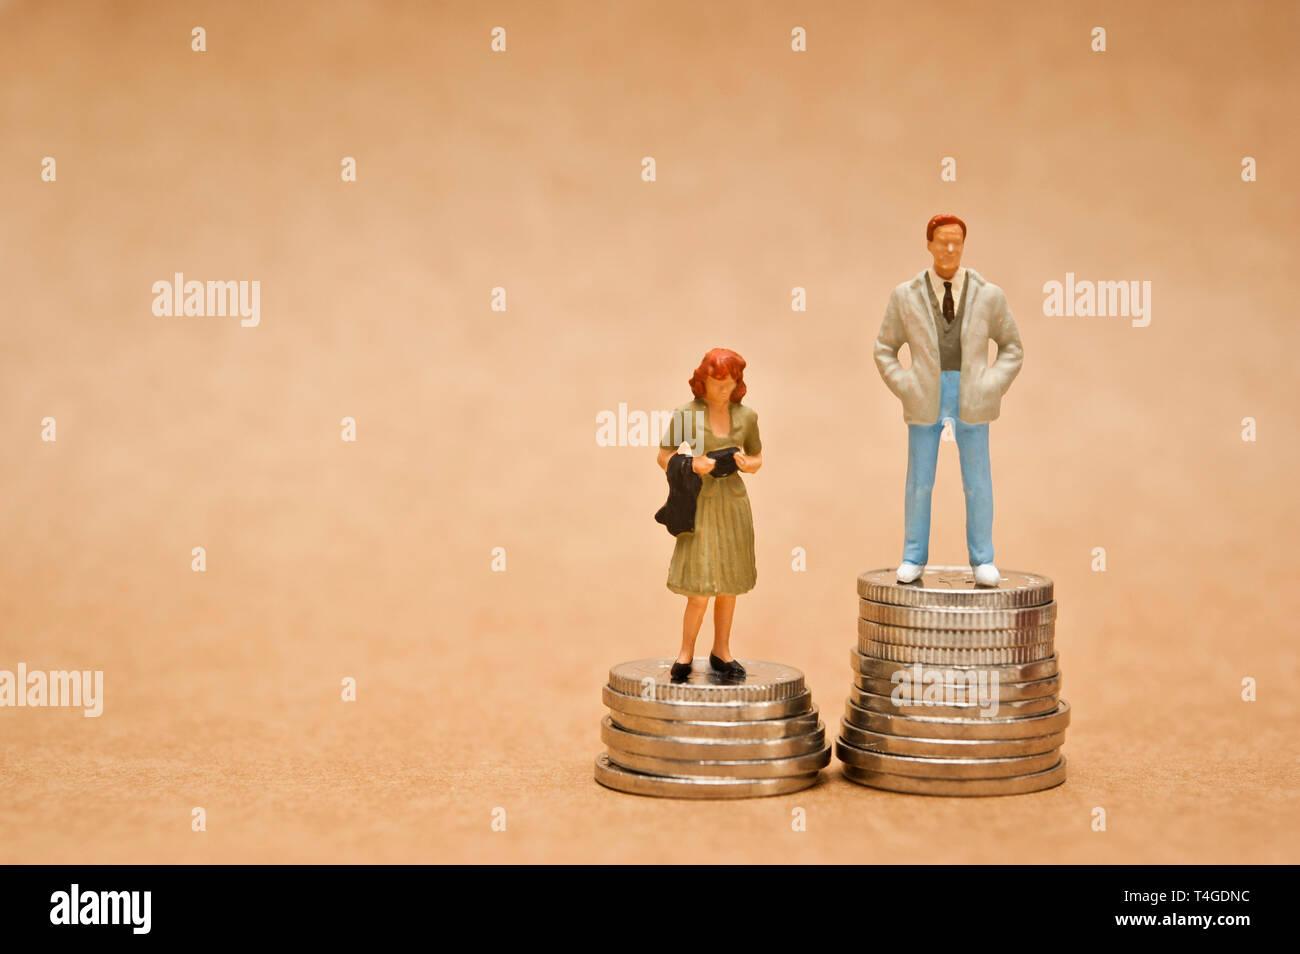 El hombre y la mujer en pie de figurillas en monedas, la brecha salarial entre los géneros concepto Imagen De Stock